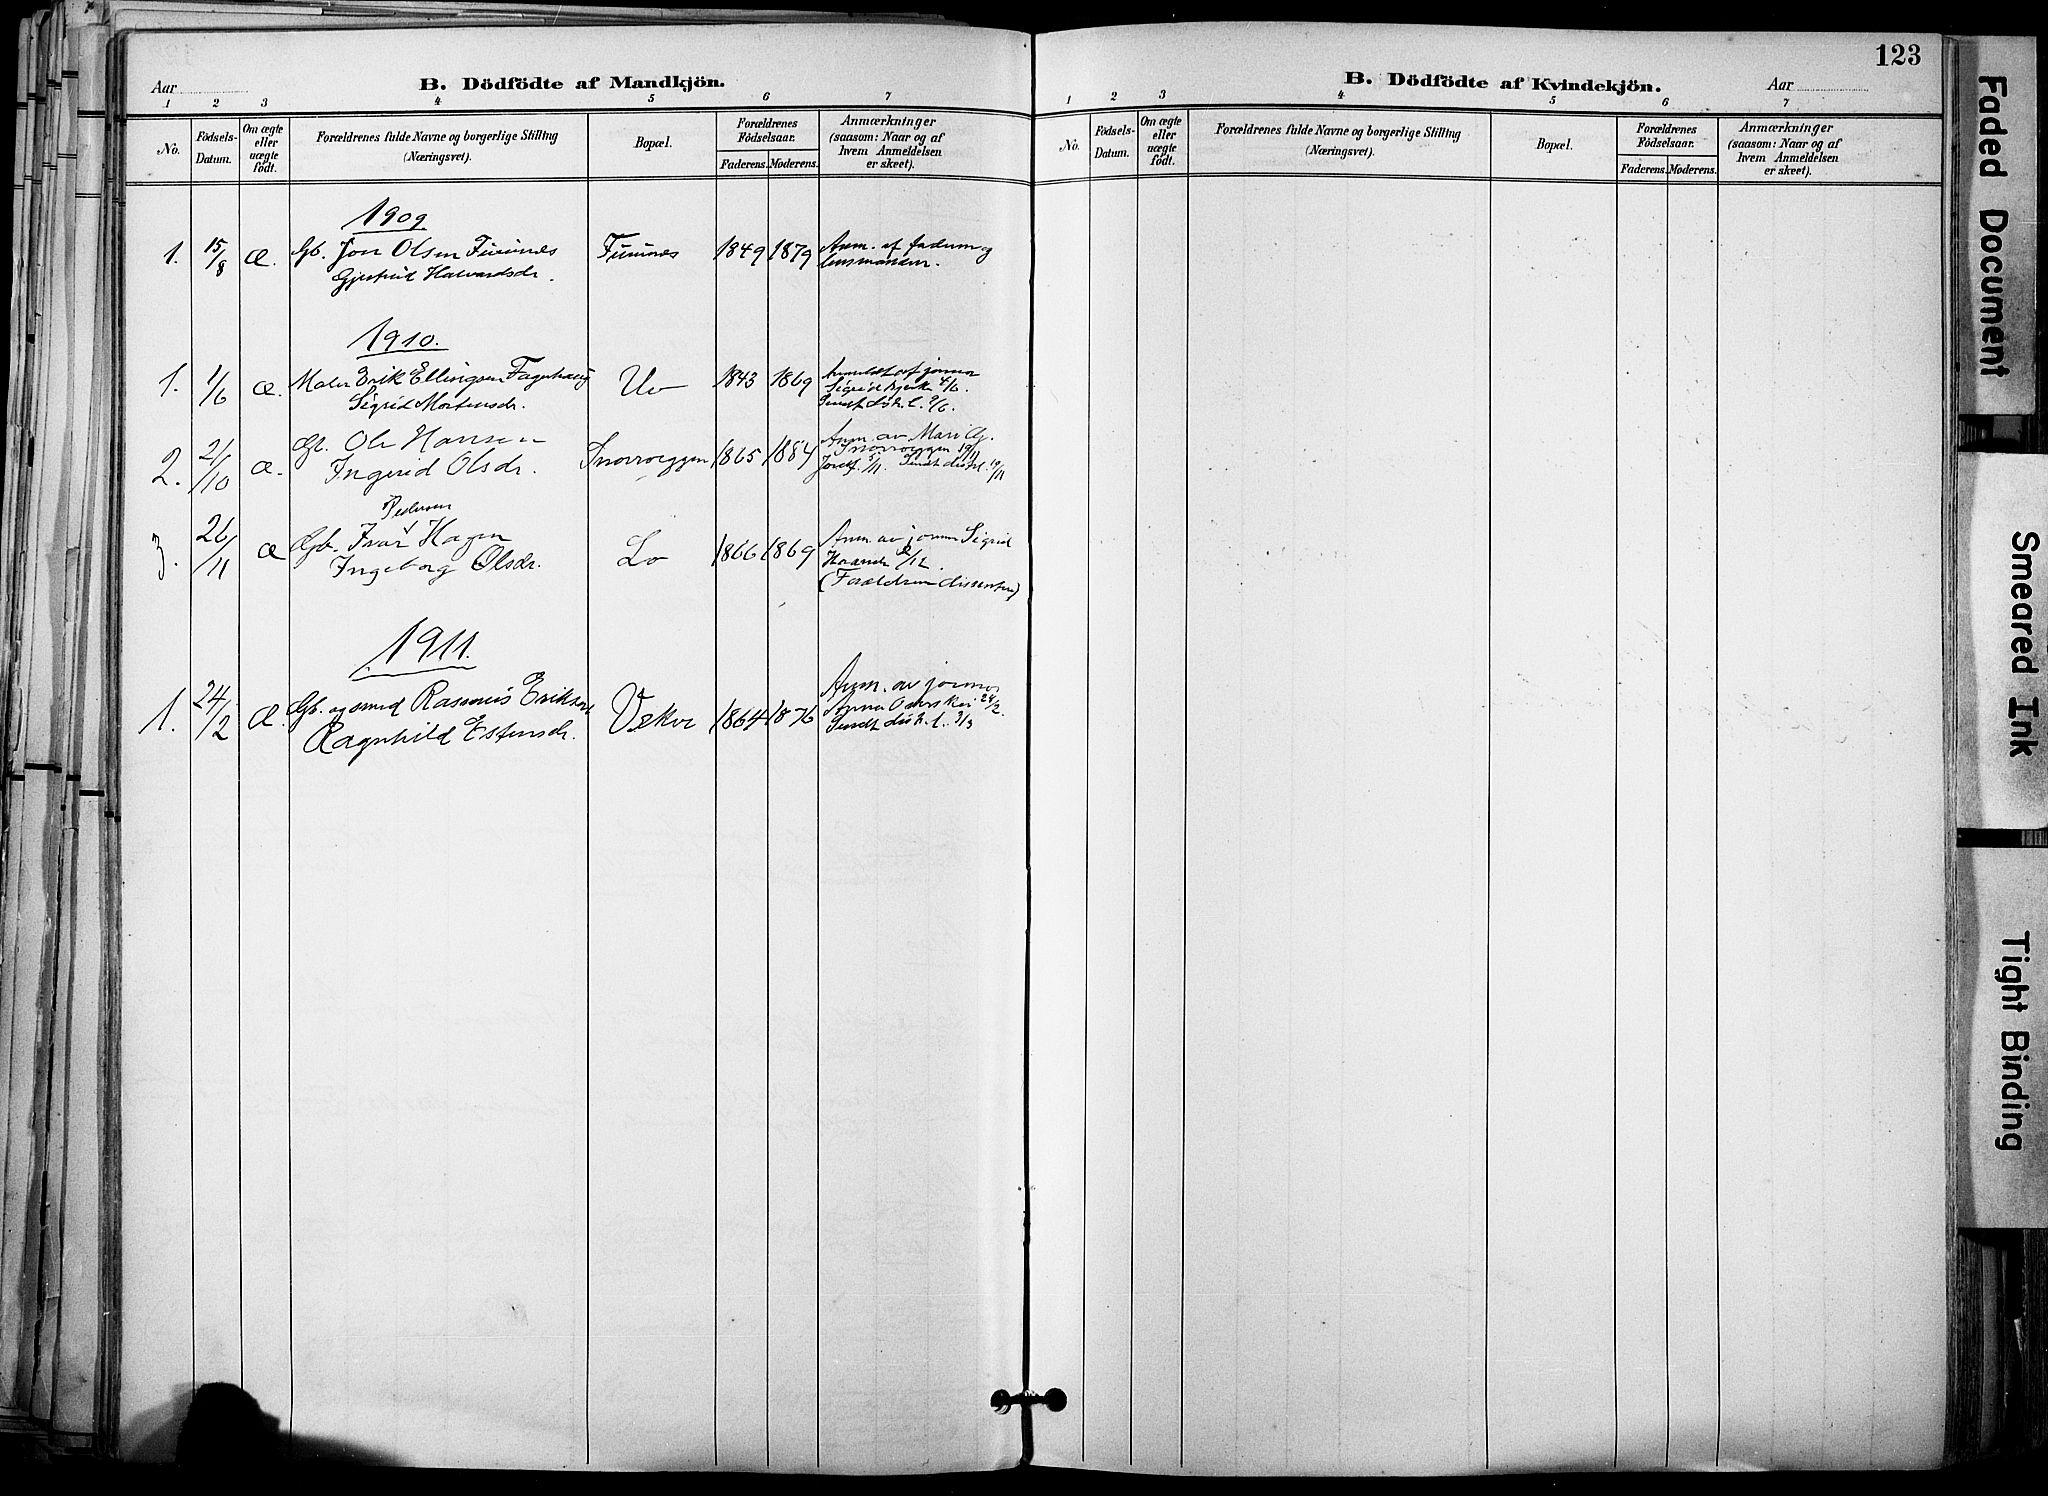 SAT, Ministerialprotokoller, klokkerbøker og fødselsregistre - Sør-Trøndelag, 678/L0902: Ministerialbok nr. 678A11, 1895-1911, s. 123